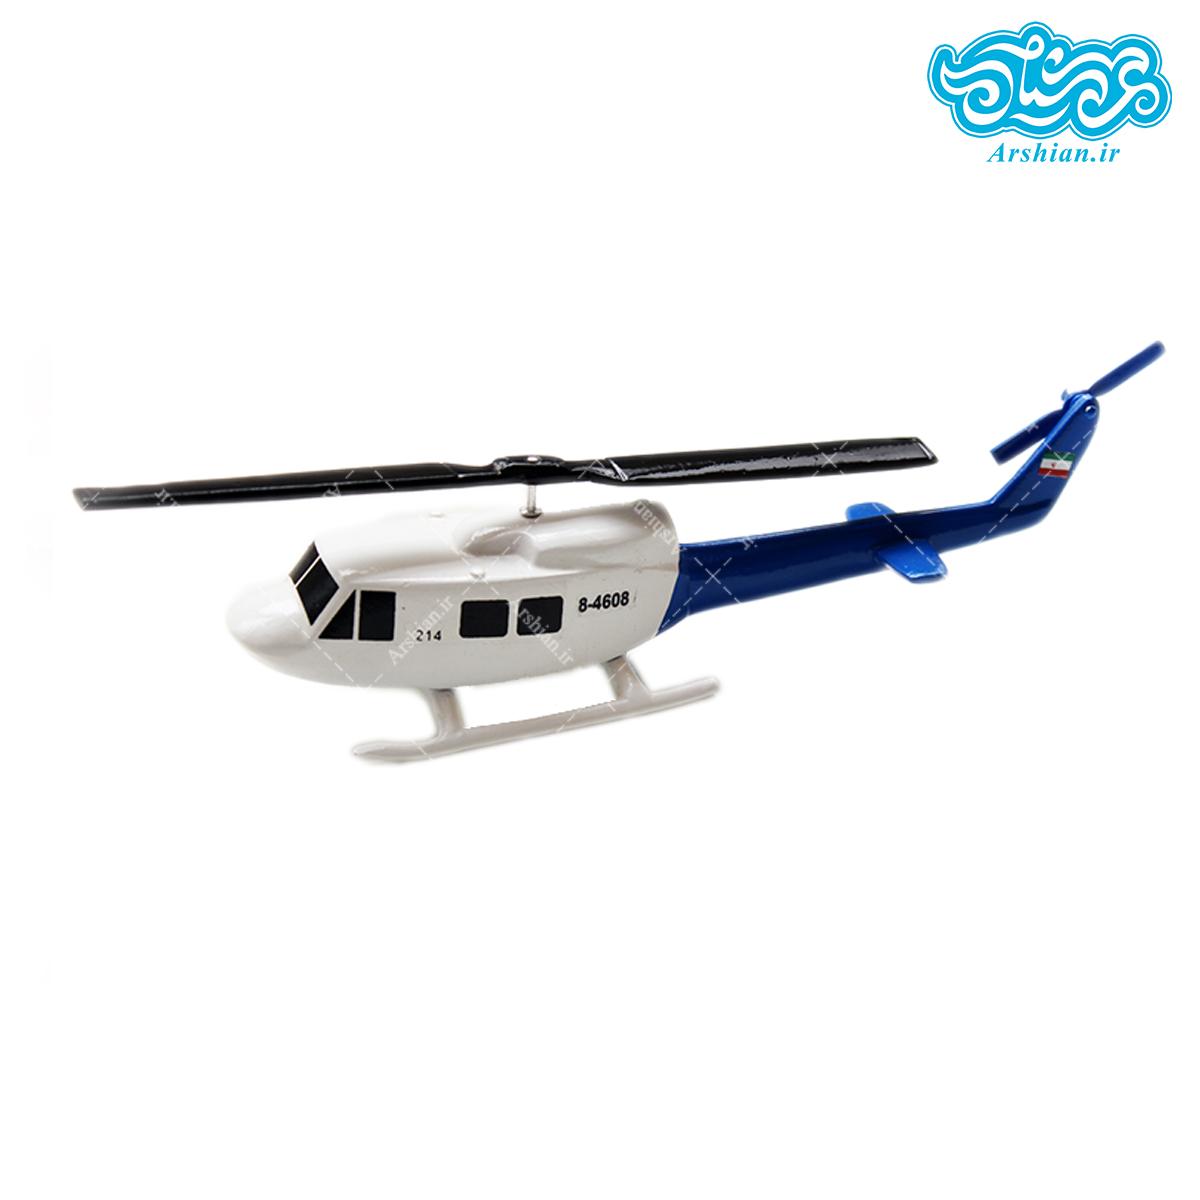 ماکت هلیکوپتر بل 214 غیرنظامی